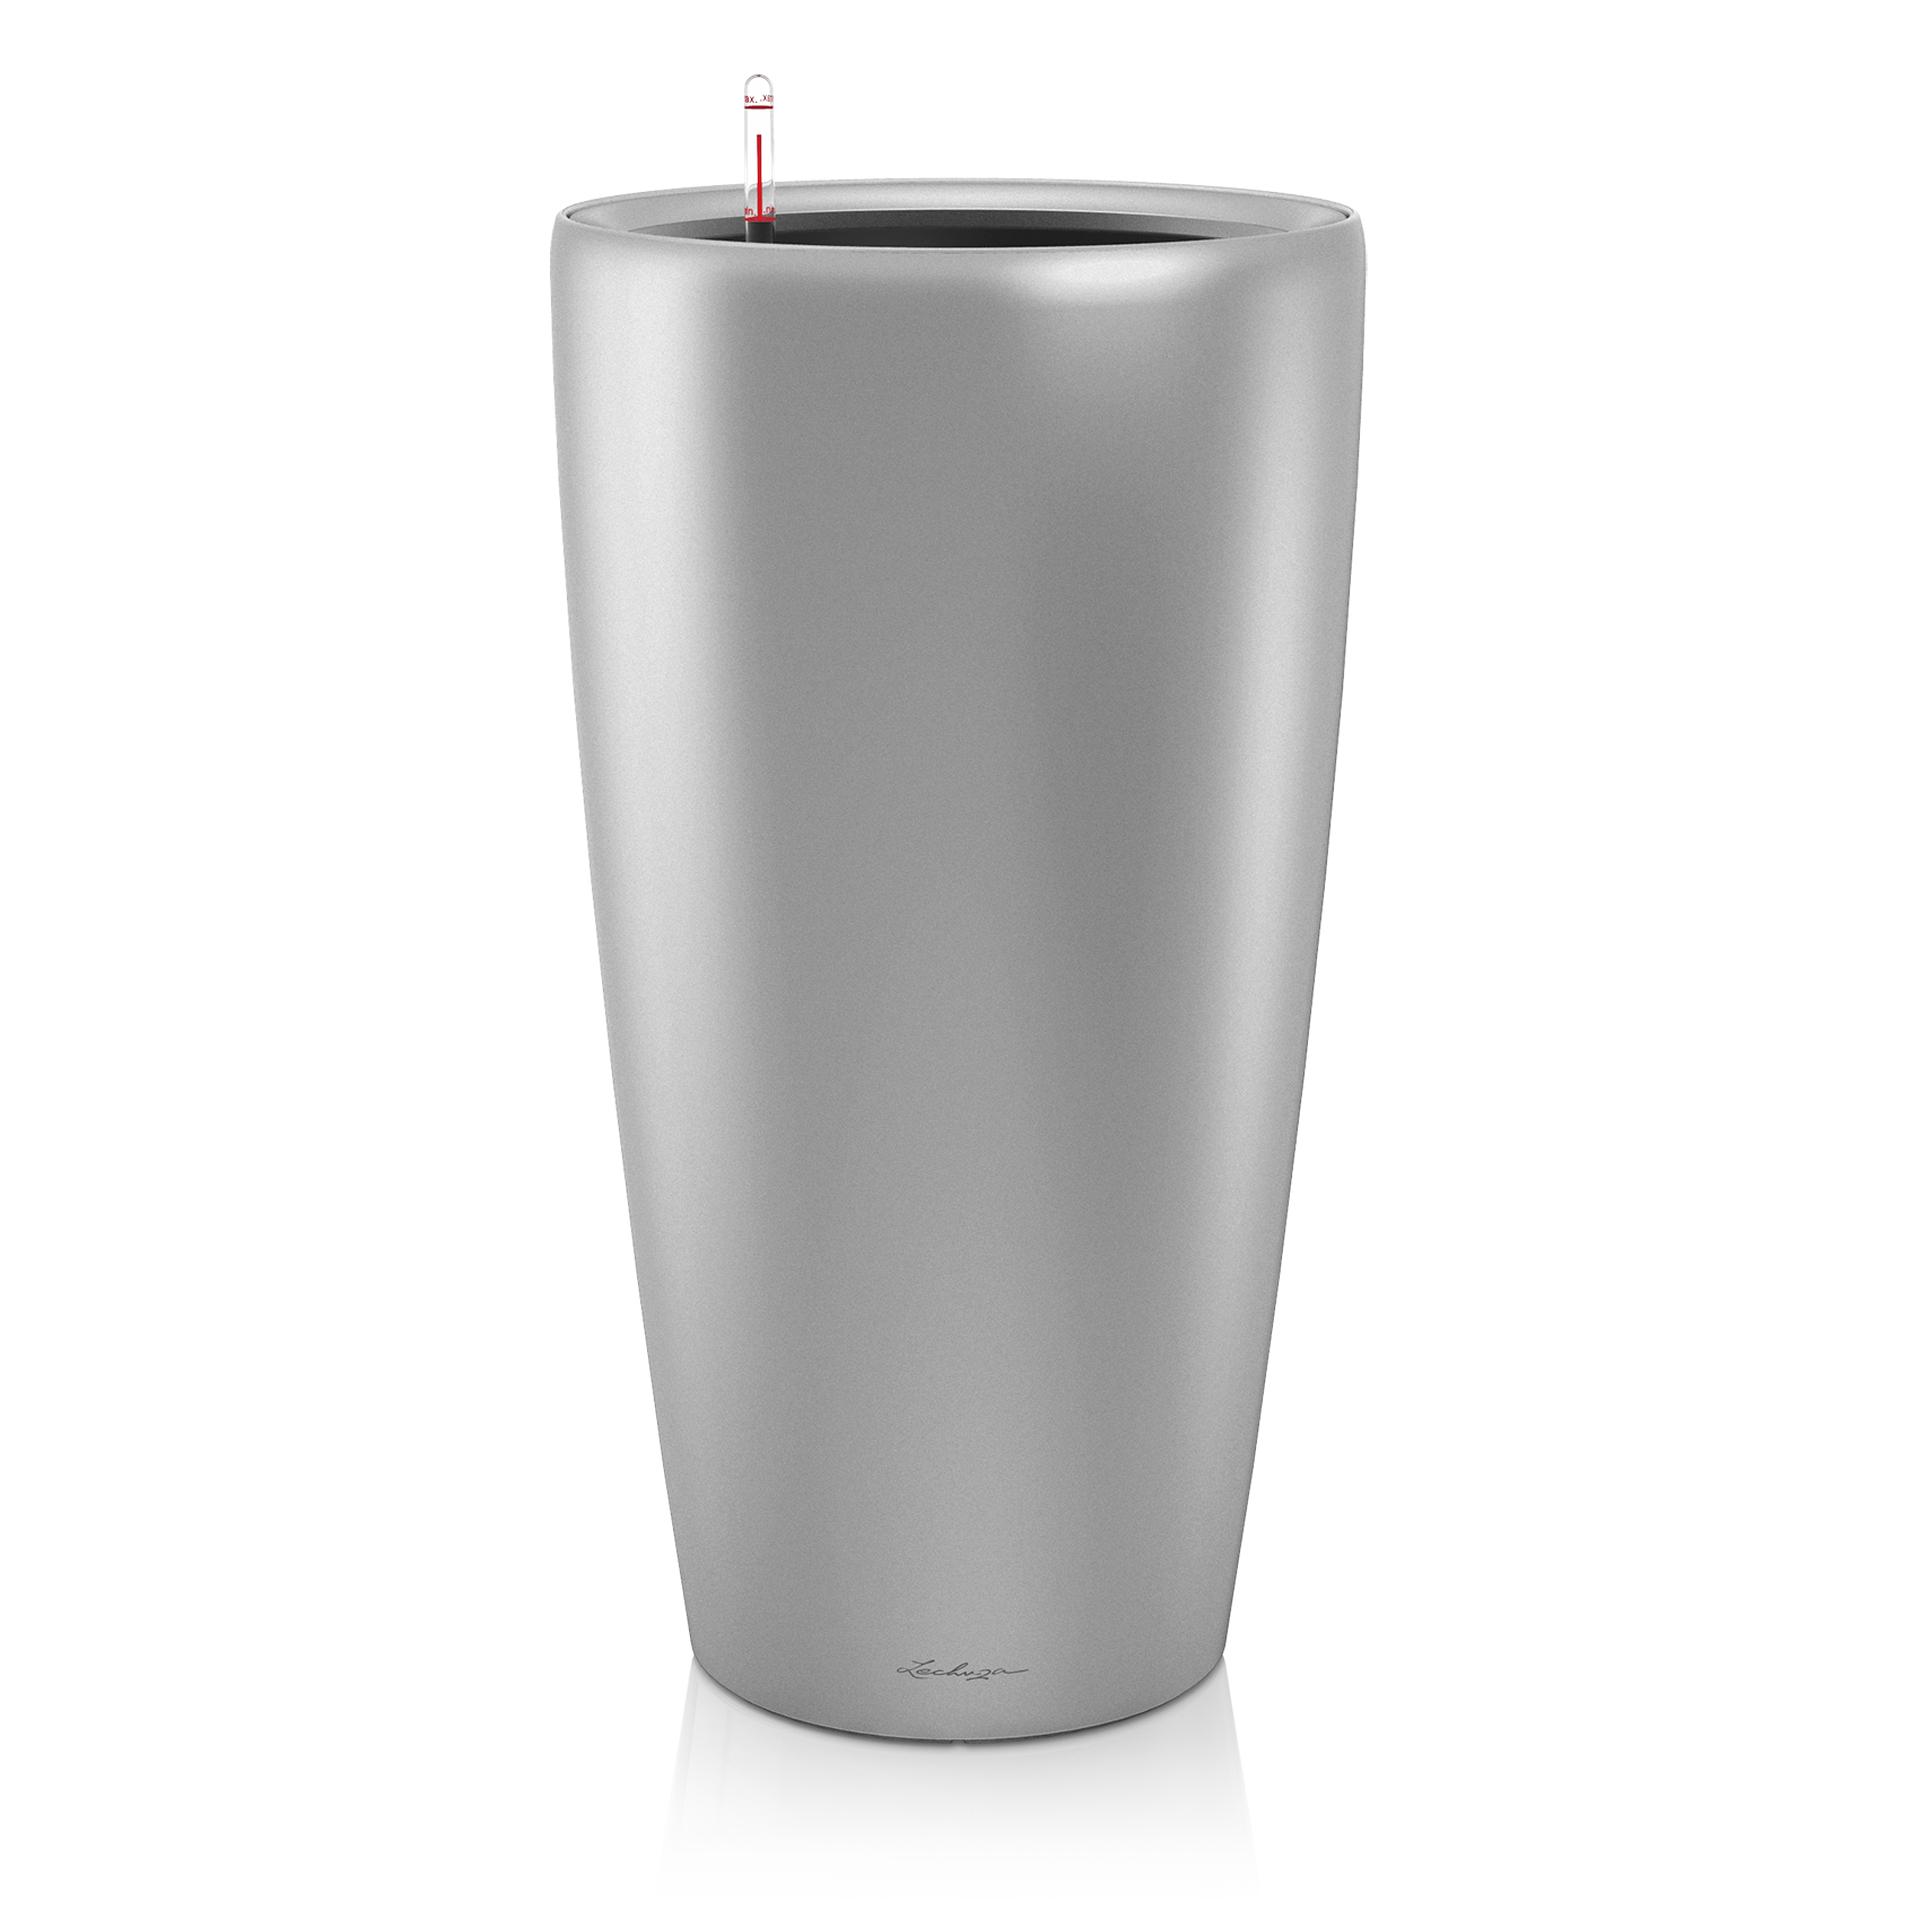 Кашпо с автополивом Lechuza Rondo серебро 40 см кашпо кубико альто 40 серебряное с автополивом 40х40х105см 18238 lechuza